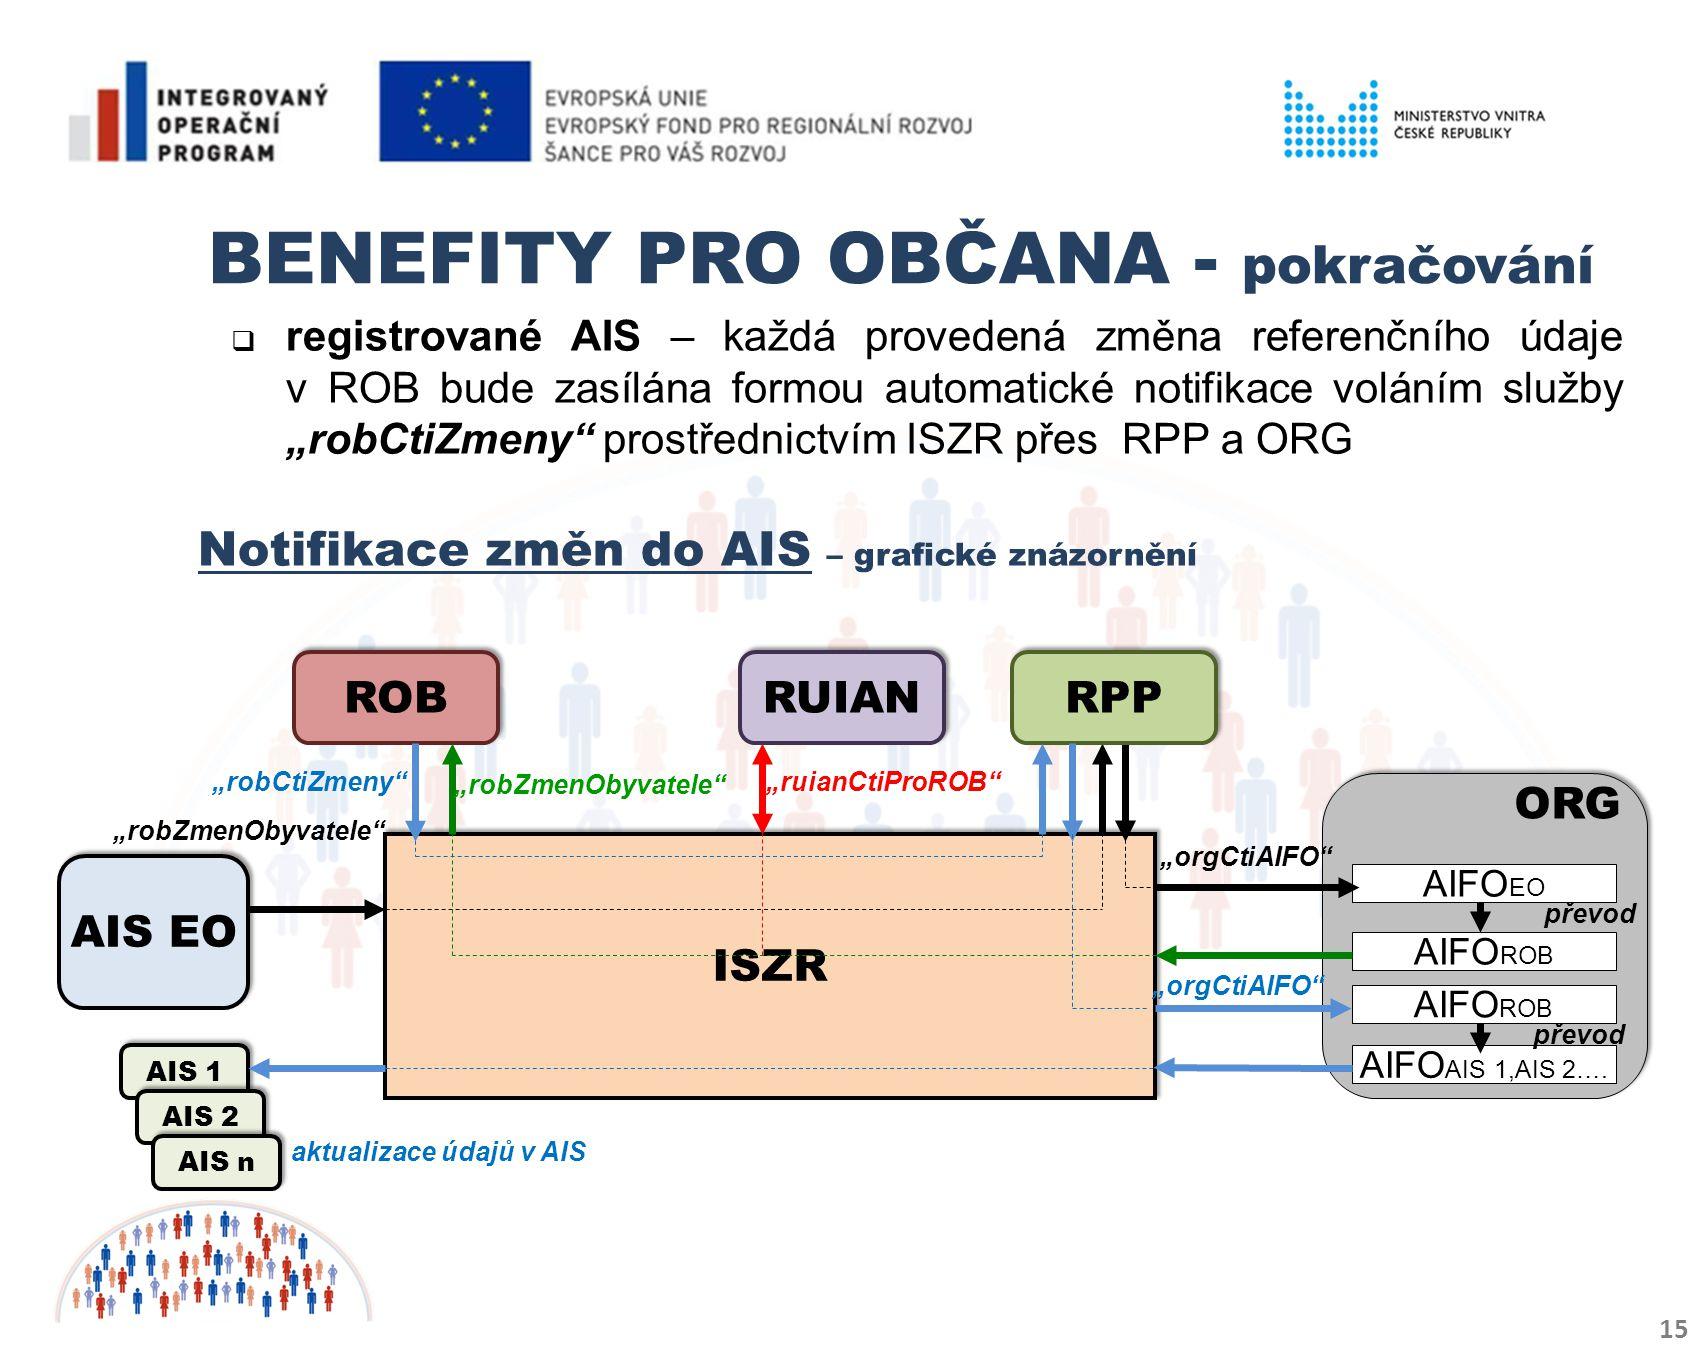 """BENEFITY PRO OBČANA - pokračování 15  registrované AIS – každá provedená změna referenčního údaje v ROB bude zasílána formou automatické notifikace voláním služby """"robCtiZmeny prostřednictvím ISZR přes RPP a ORG Notifikace změn do AIS – grafické znázornění """"ruianCtiProROB ISZR """"robZmenObyvatele RPP ROB AIS EO ORG AIFO EO AIFO ROB převod RUIAN AIFO ROB AIFO AIS 1,AIS 2…."""